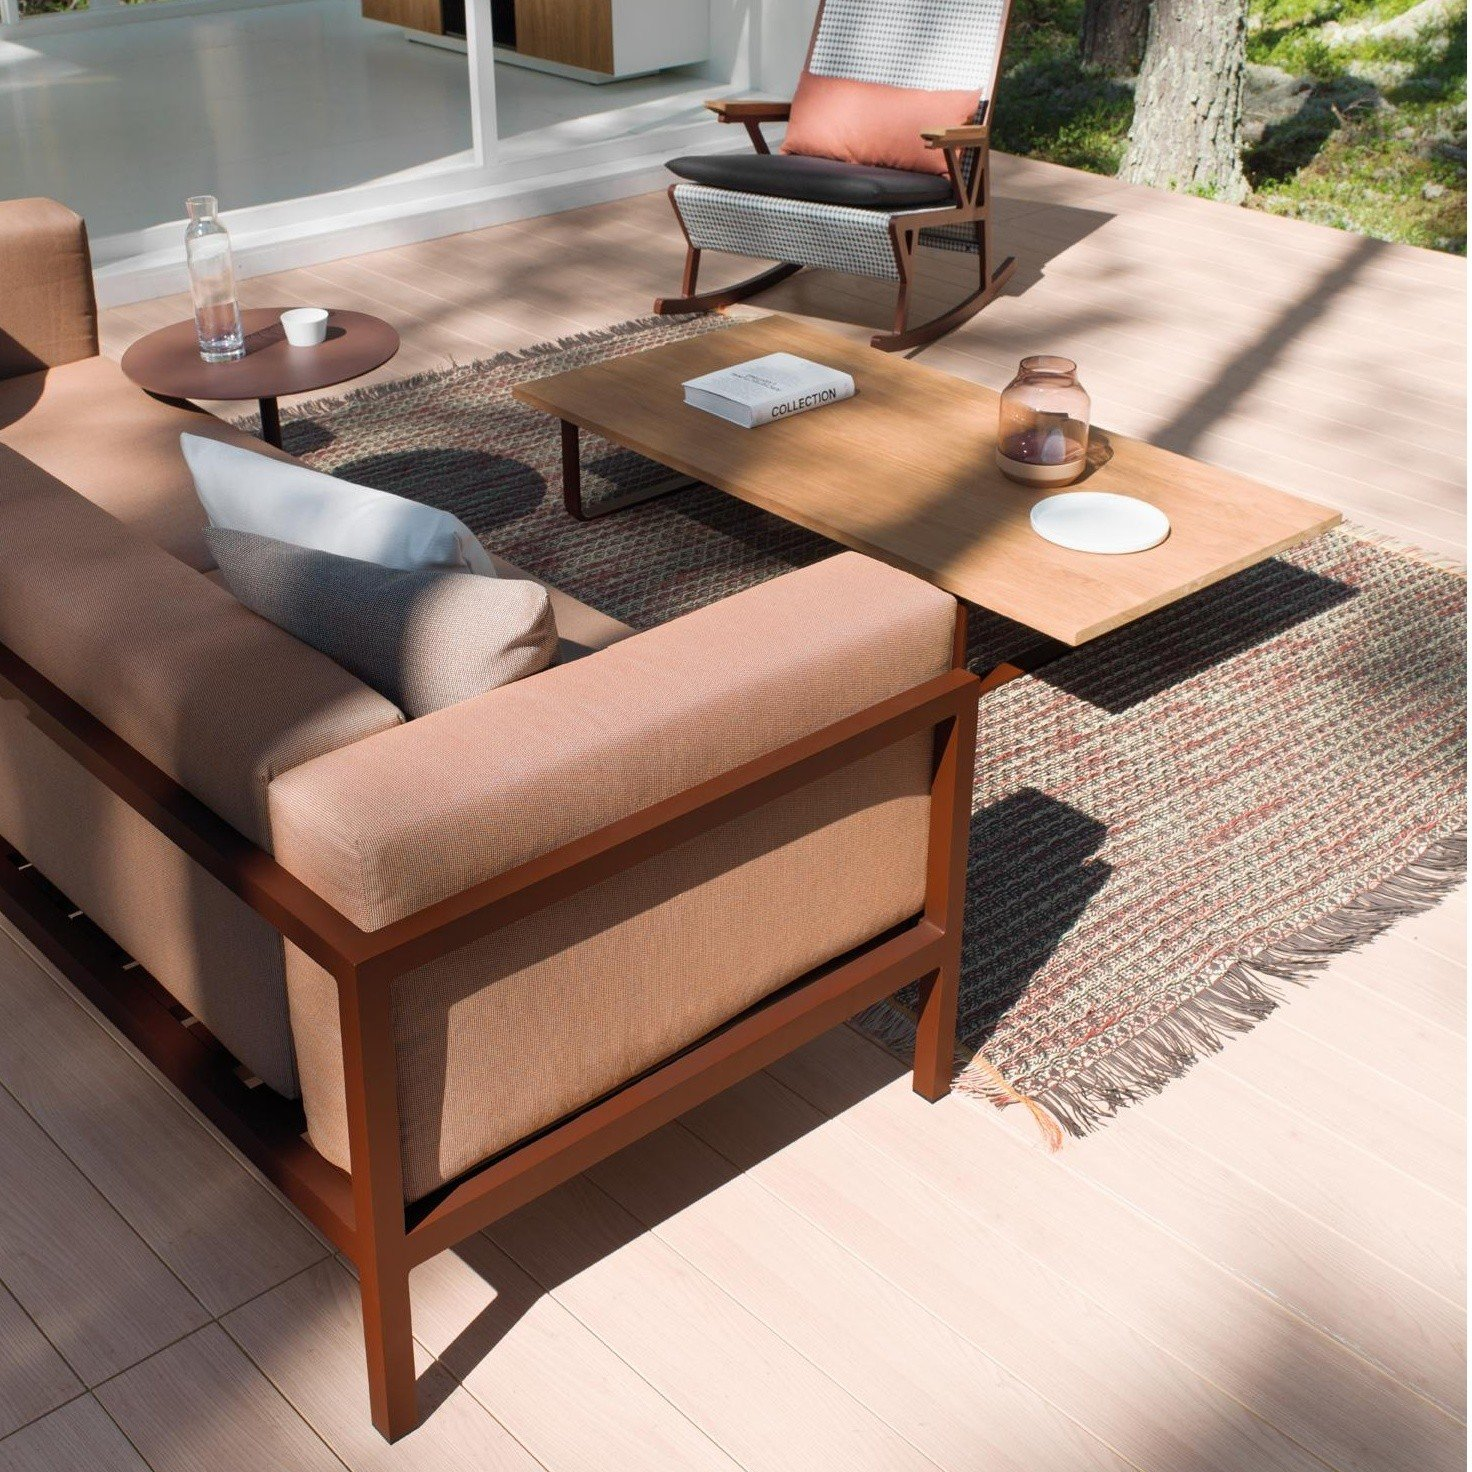 Kettal Landscape - Sofá de jardín de 2 asientos XL | AmbienteDirect